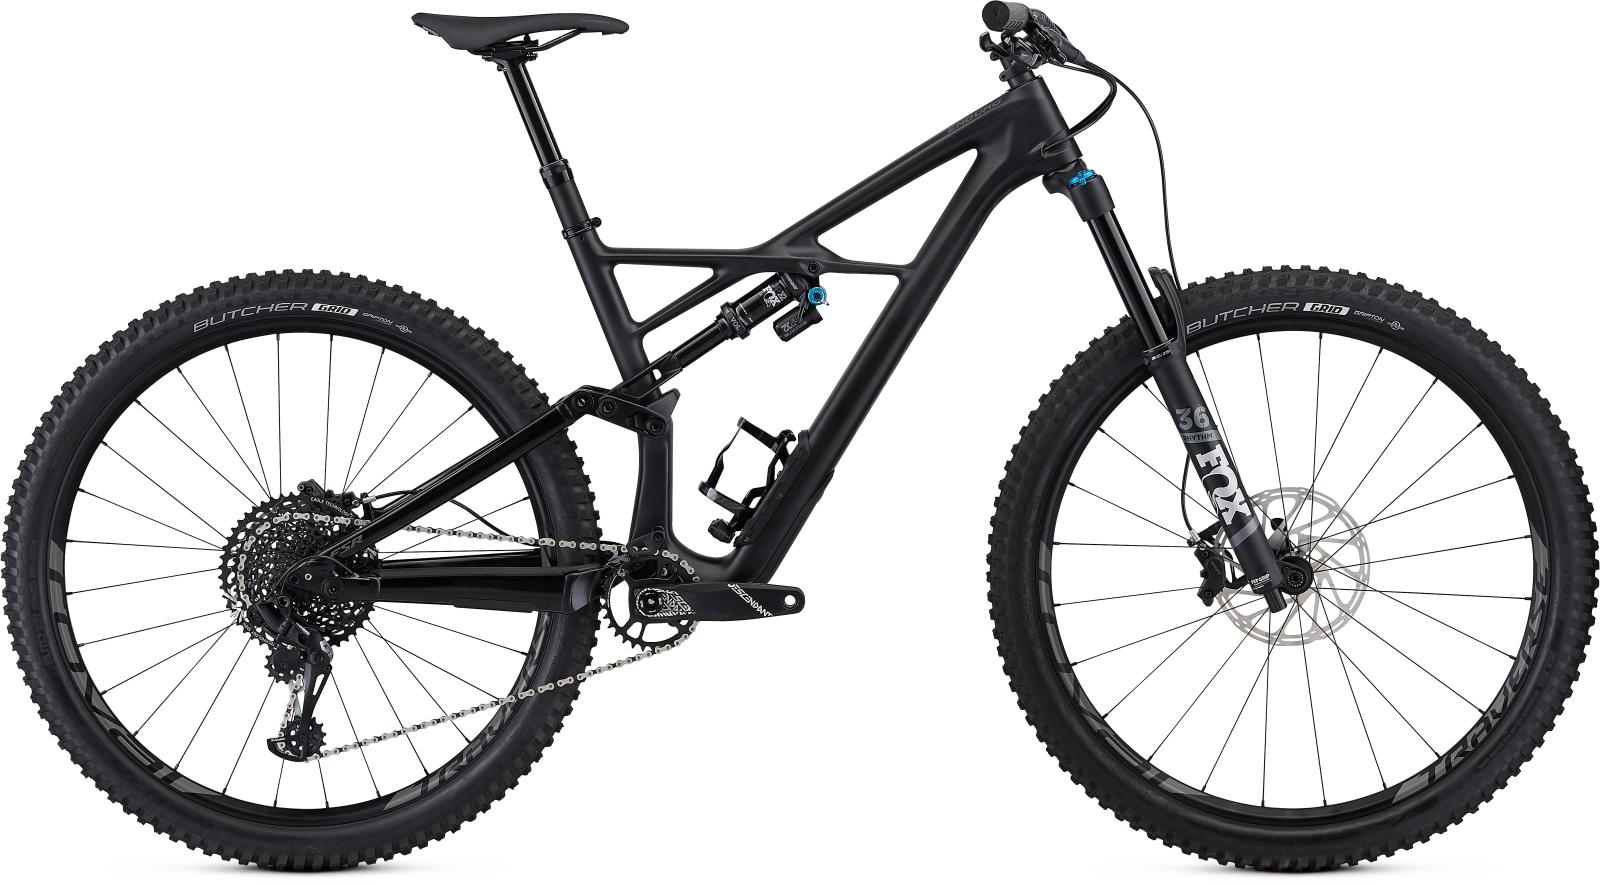 Specialized Enduro FSR Elite Carbon 29/6Fattie - carbon/charcoal XL